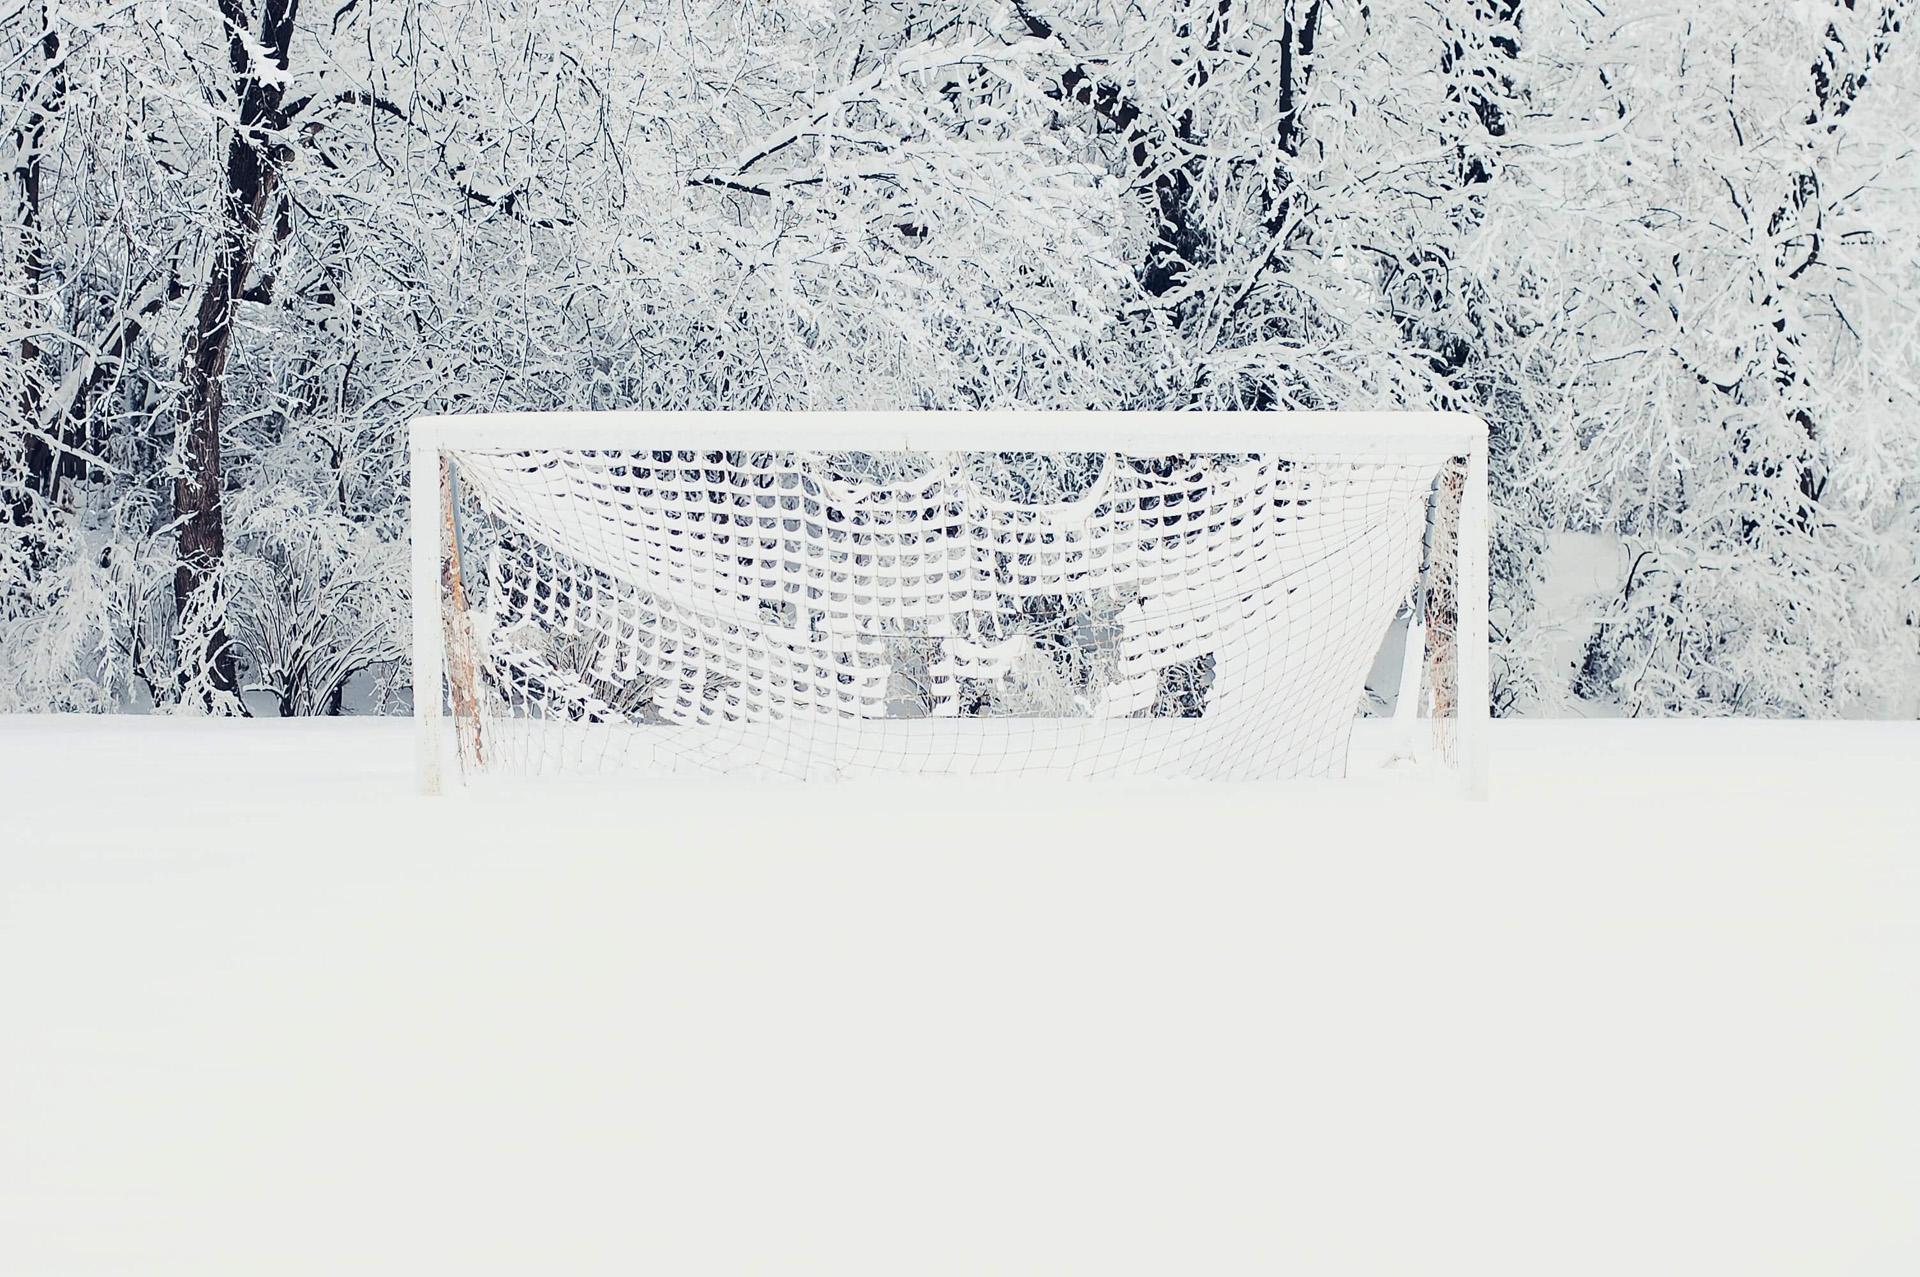 Met sneeuw de velden niet betreden!